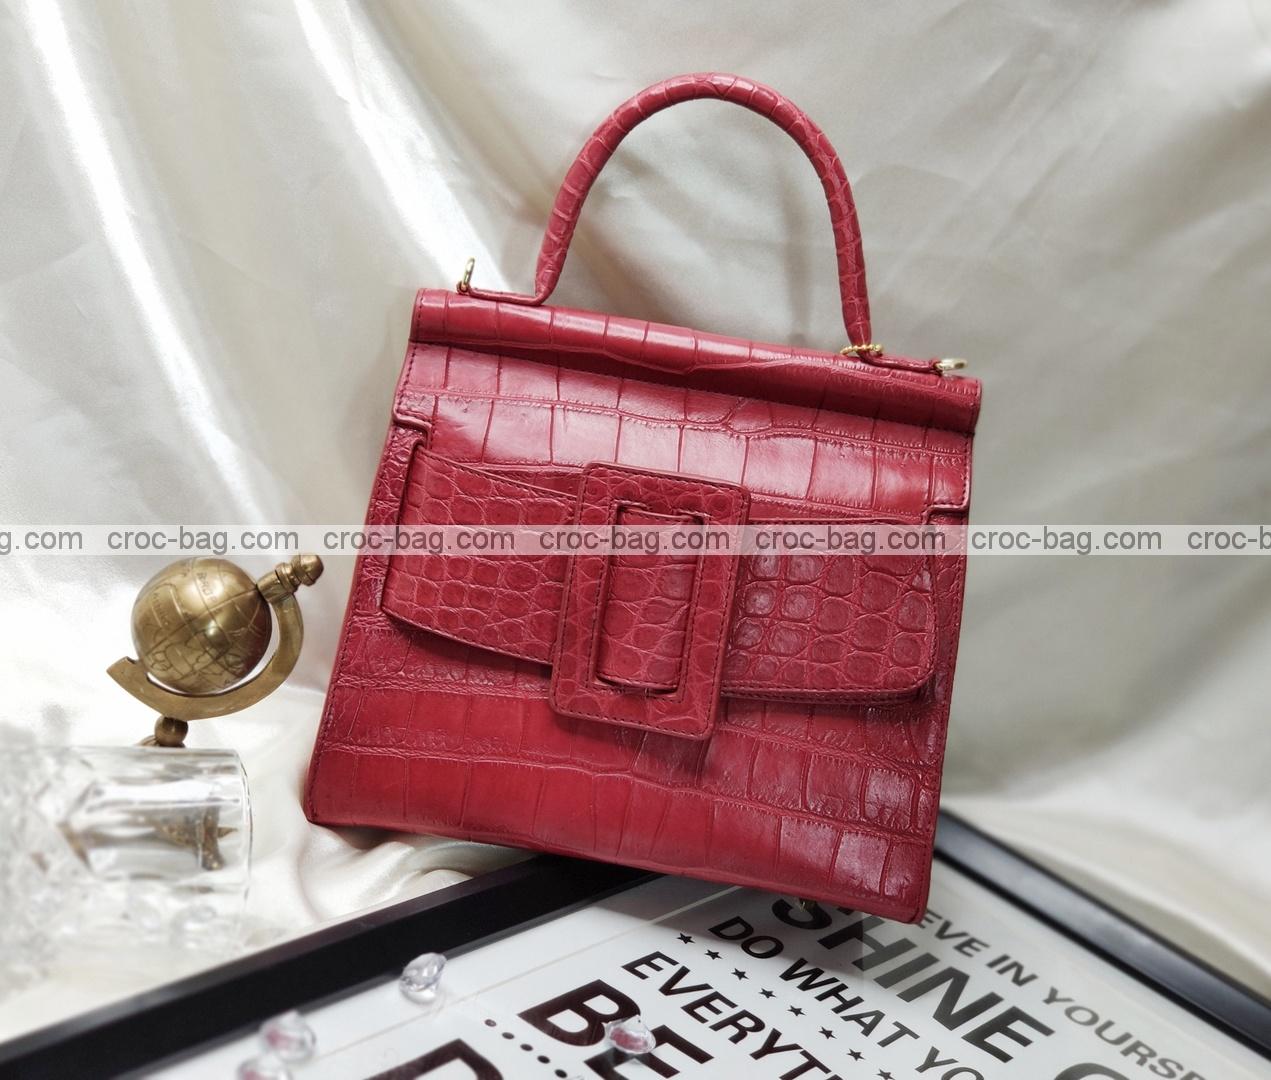 กระเป๋าหนังจระเข้สำหรับผู้หญิง 5268